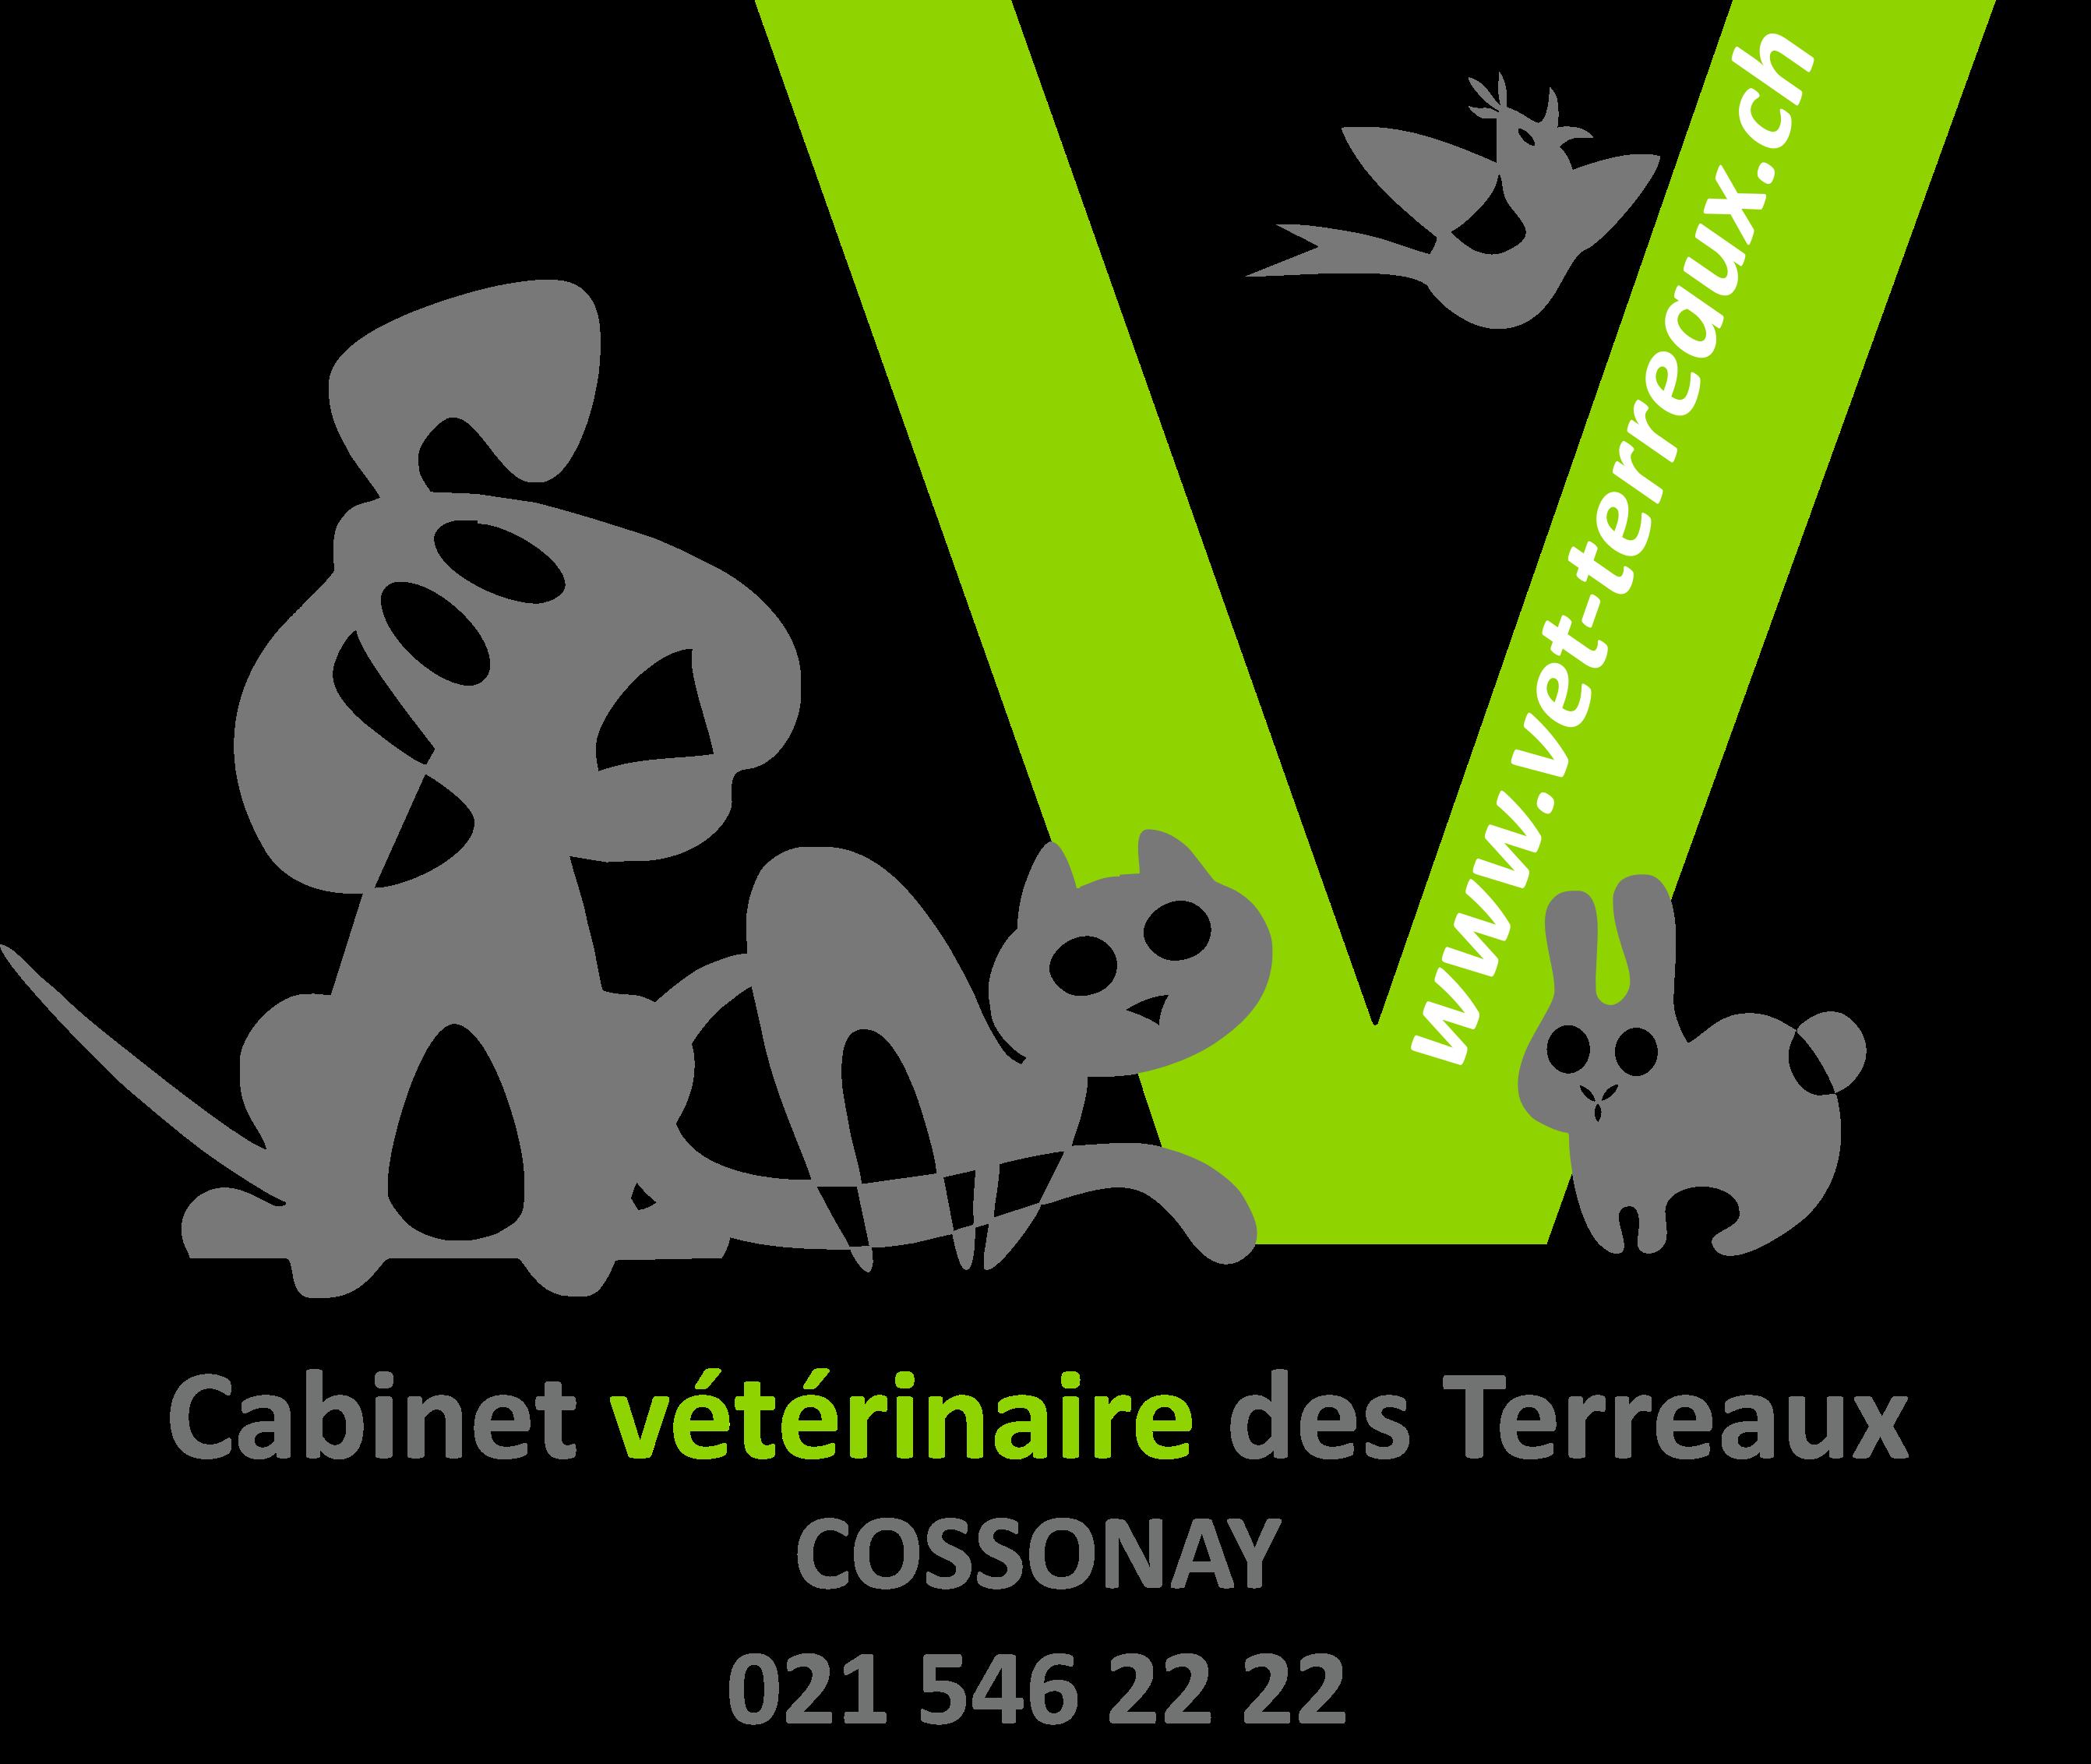 Dr méd. vét. Cabinet vétérinaire des Terreaux